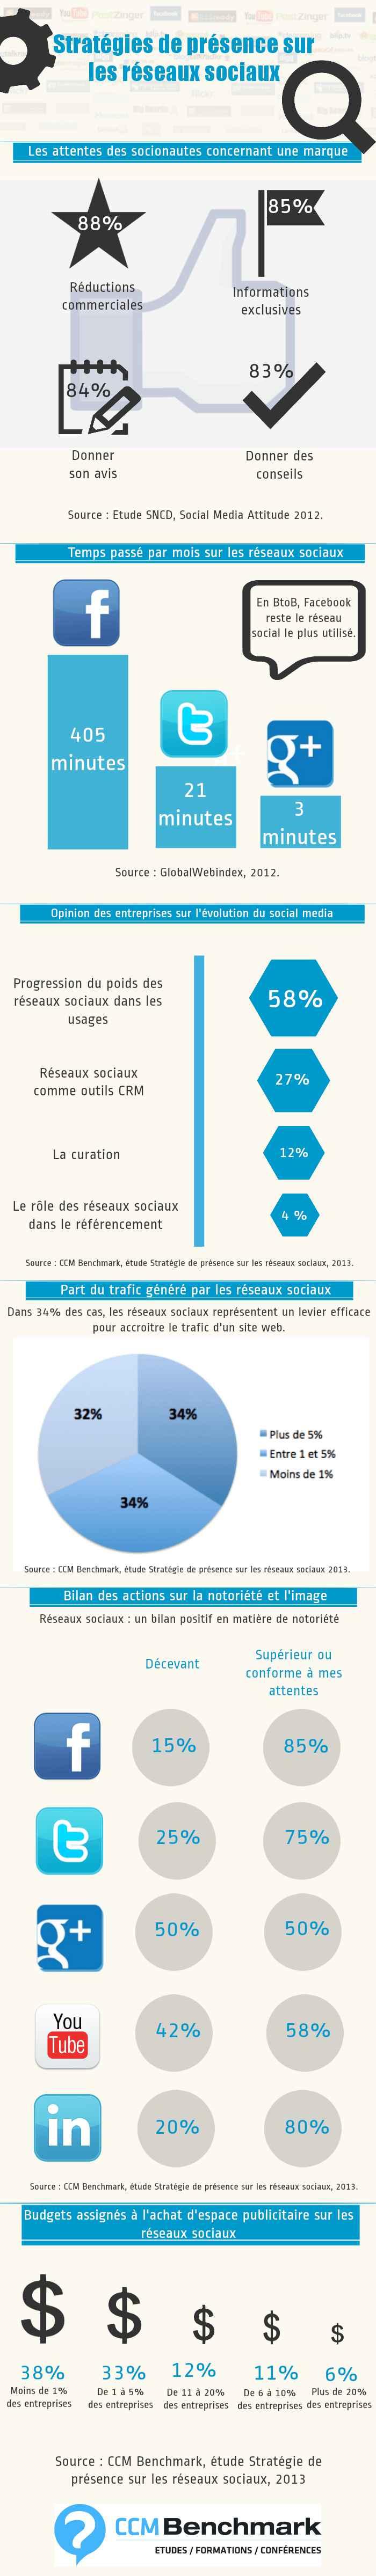 Infographie-entreprises-presence-reseaux-sociaux (1)